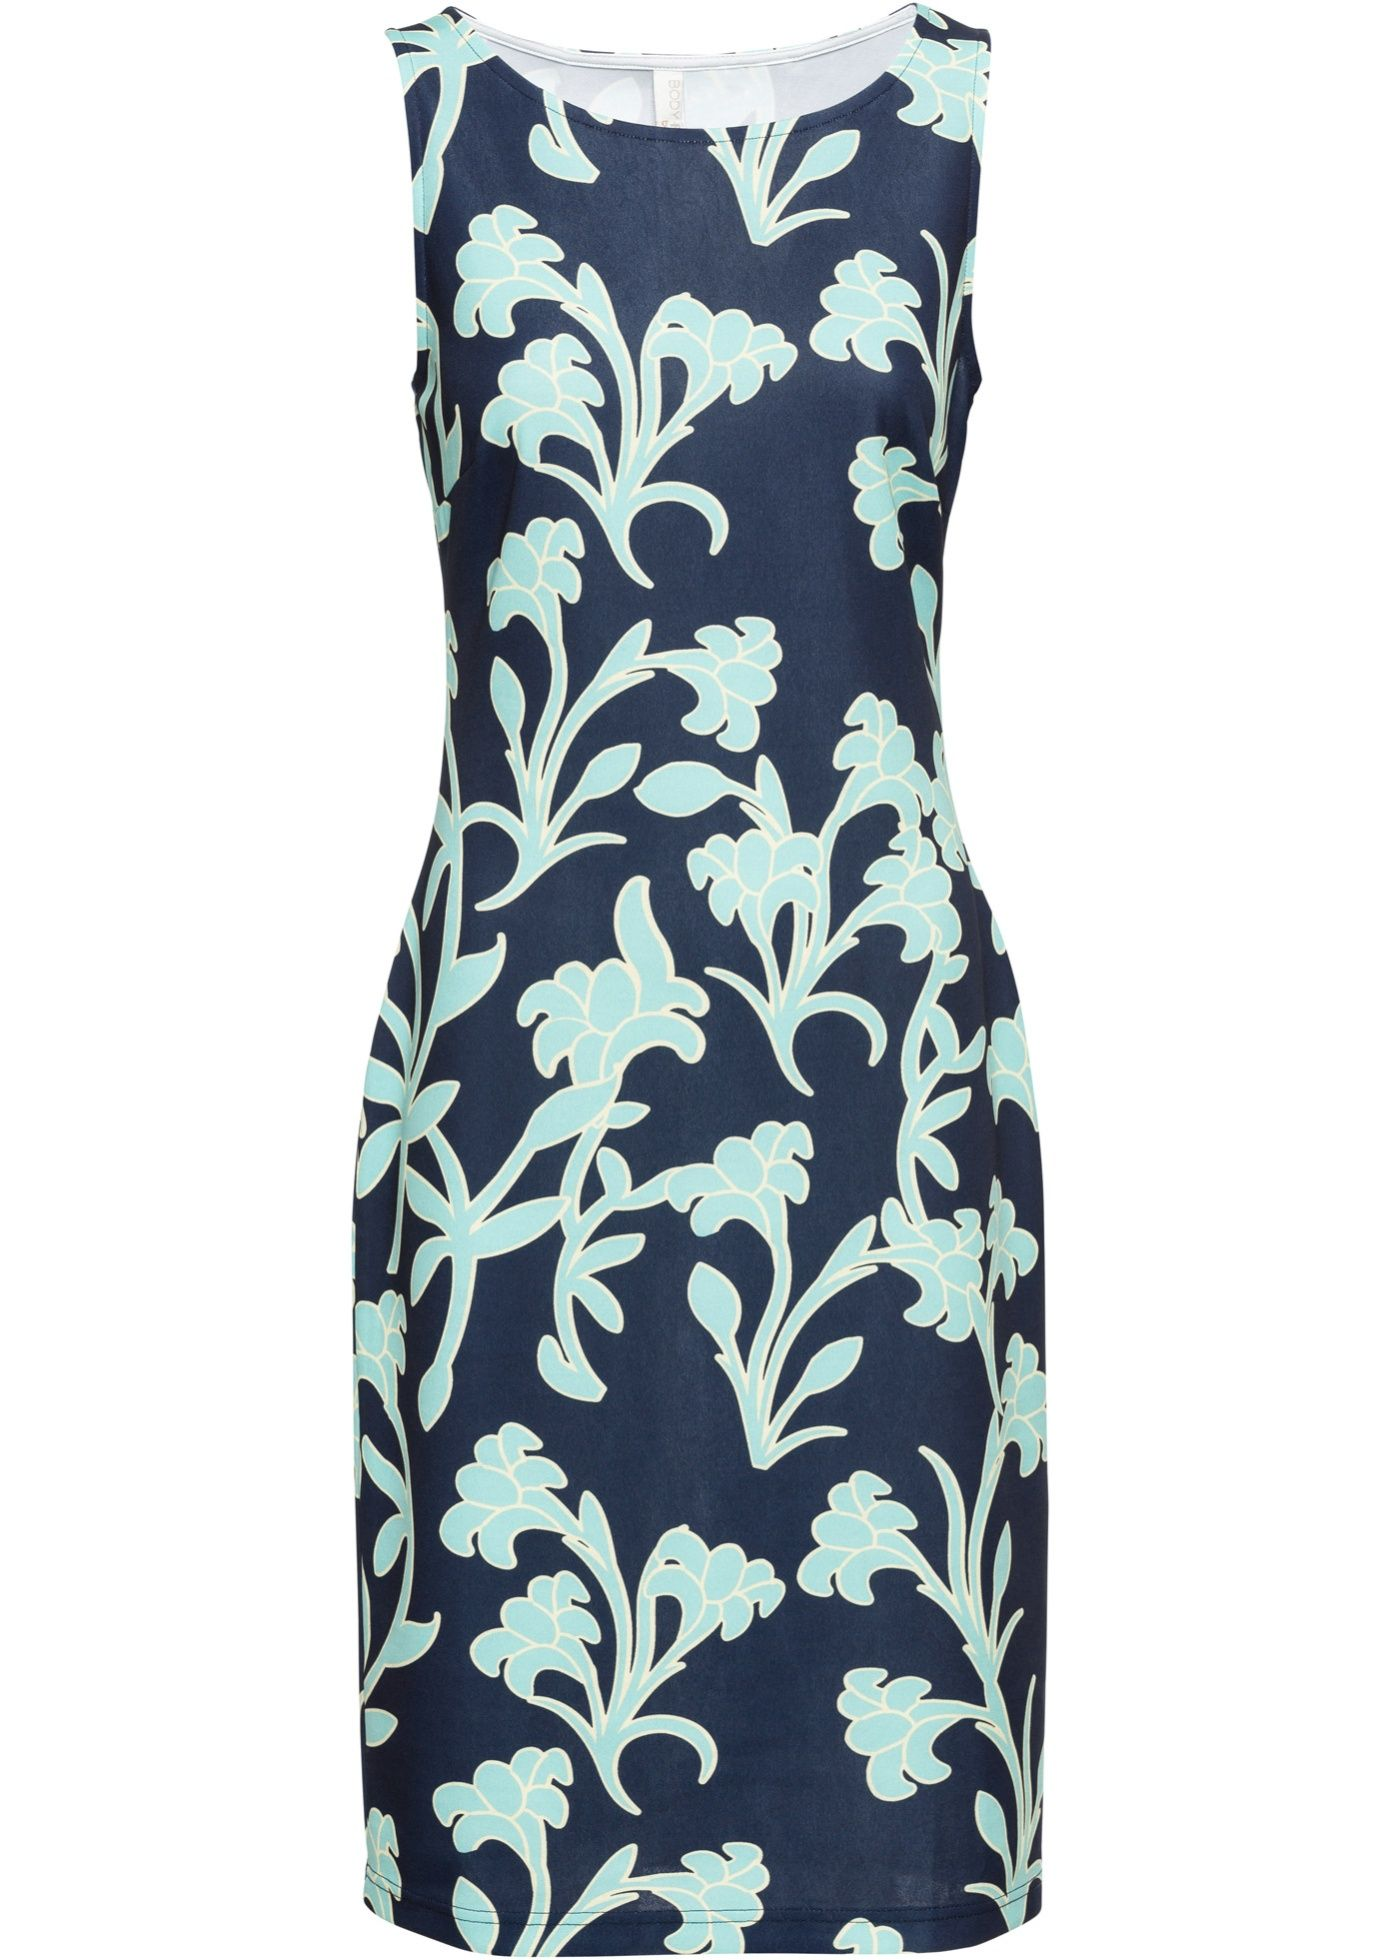 10e3cabaa92 Платье с принтом черный синий в цветочек - Для женщин - BODYFLIRT boutique  - bonprix